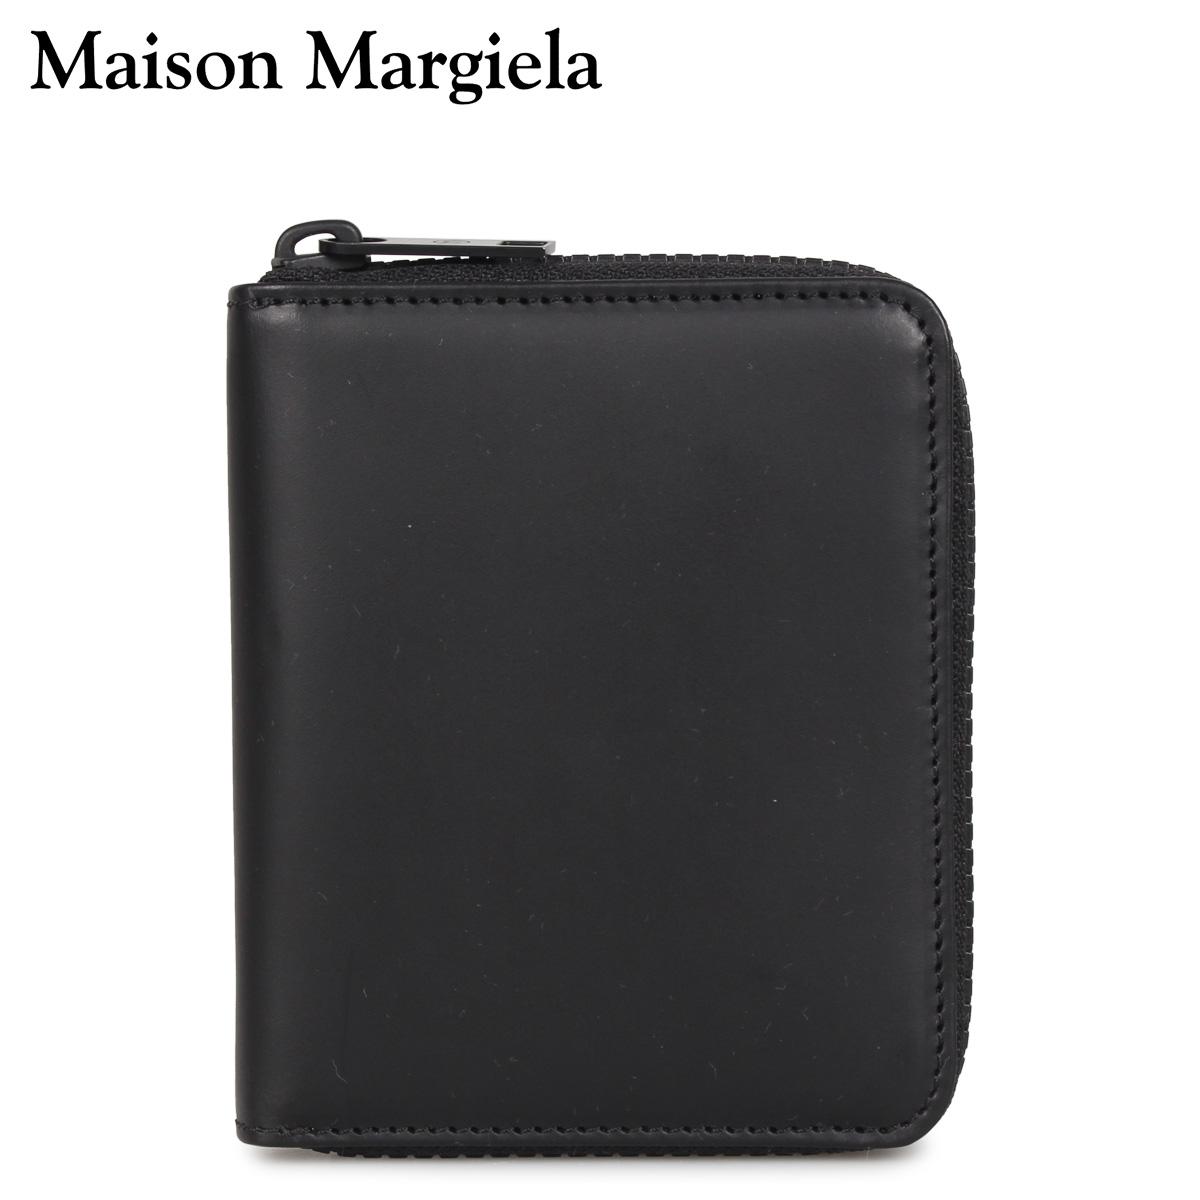 メゾンマルジェラ MAISON MARGIELA 財布 二つ折り メンズ レディース WALLET ブラック 黒 S55UI0197-T8013 [3/4 新入荷]